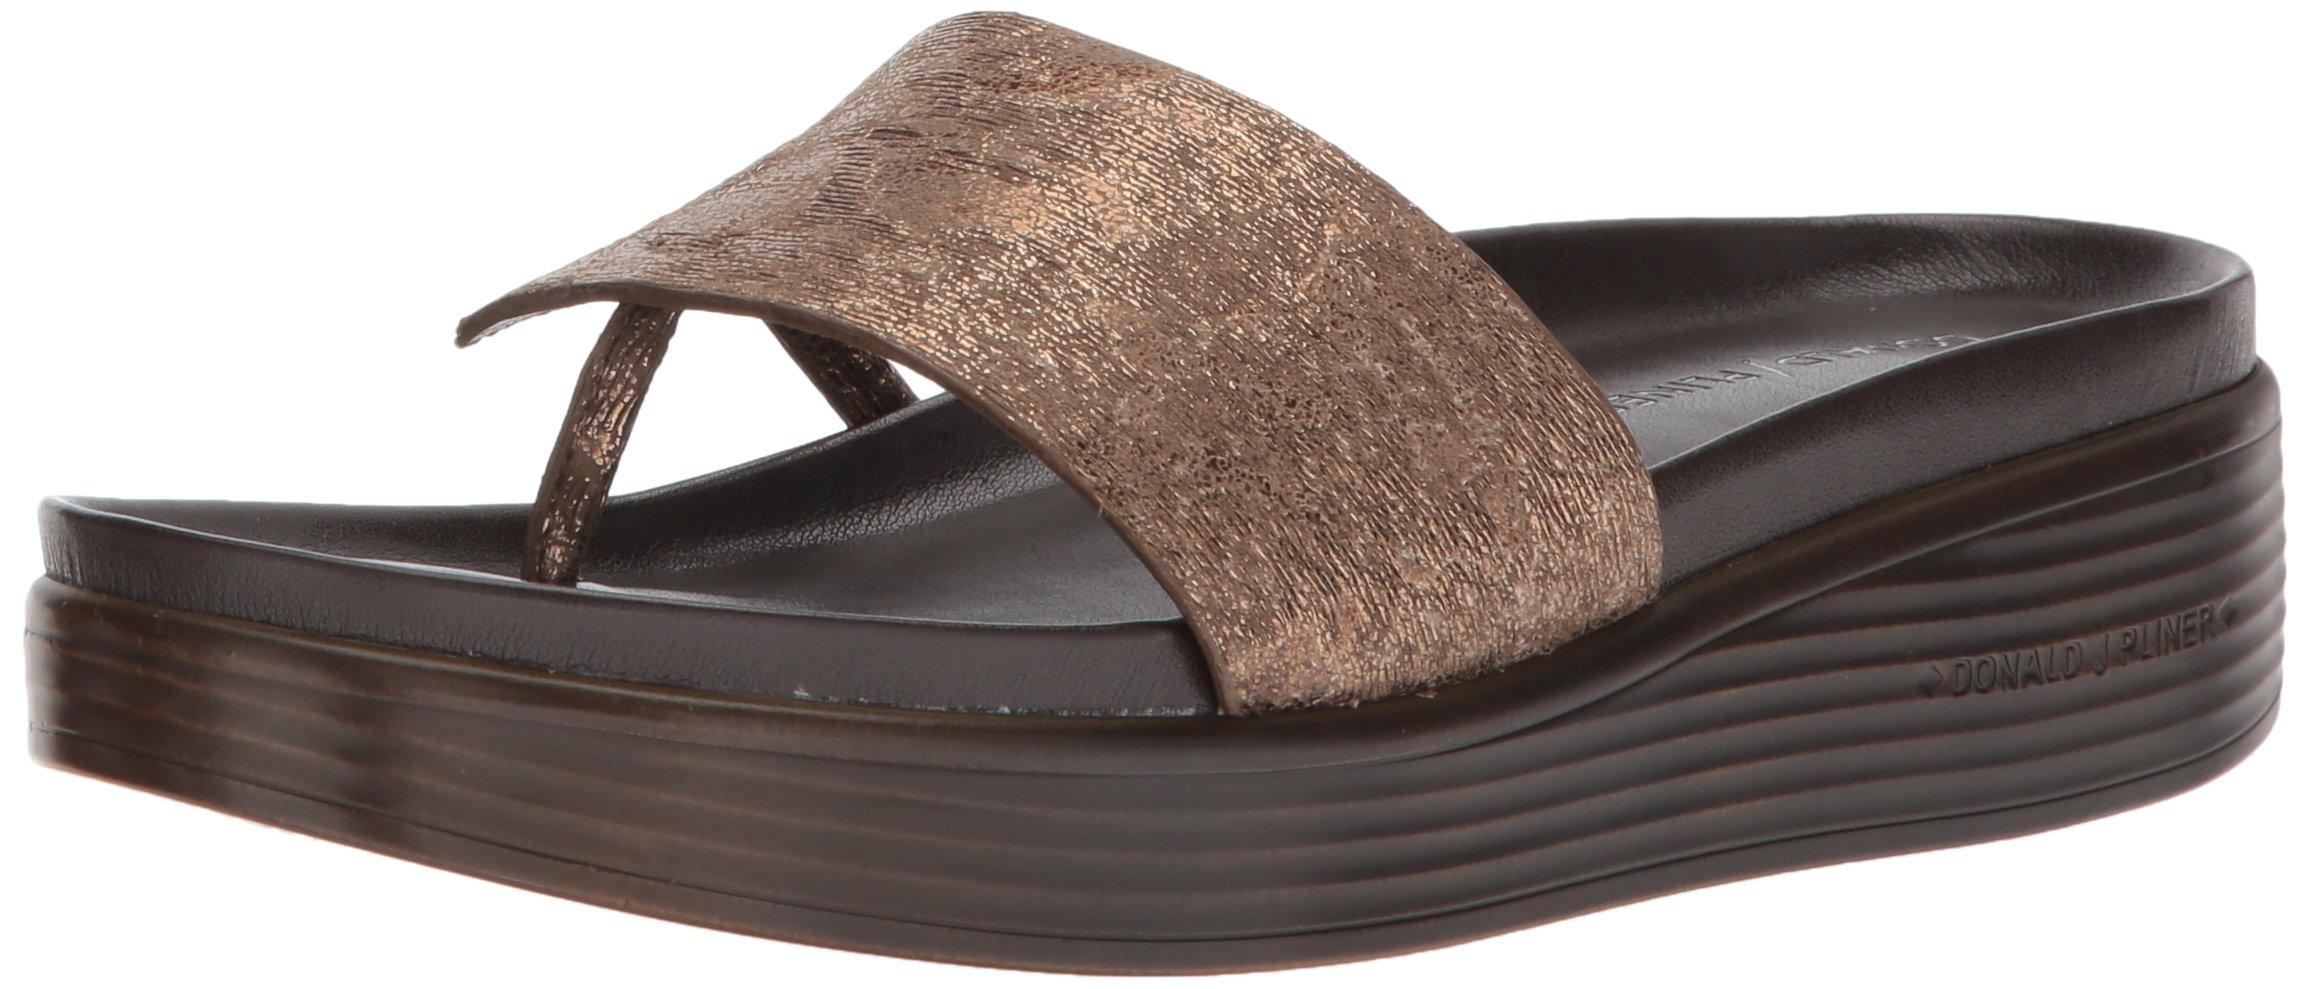 Donald J Pliner Women's FIFI19 Slide Sandal, Taupe, 8 Medium US